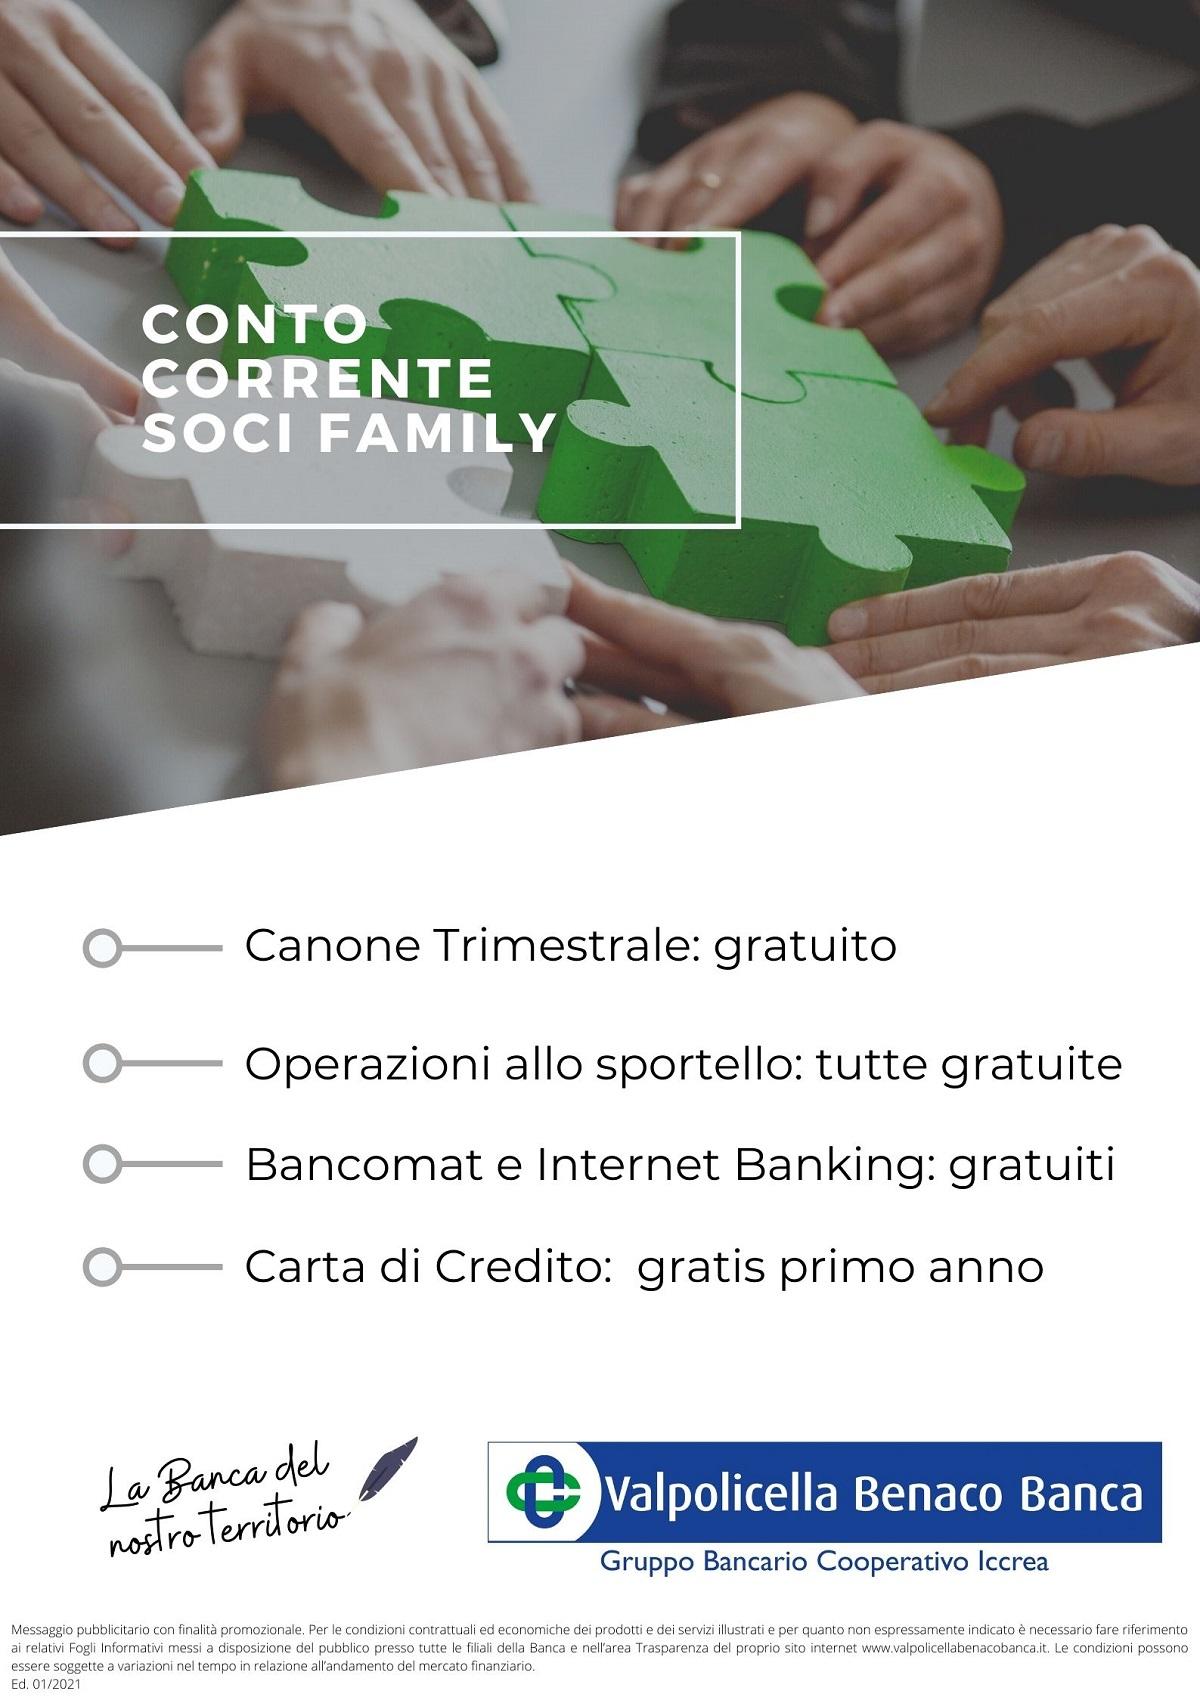 Conto Corrente Soci Family 2021